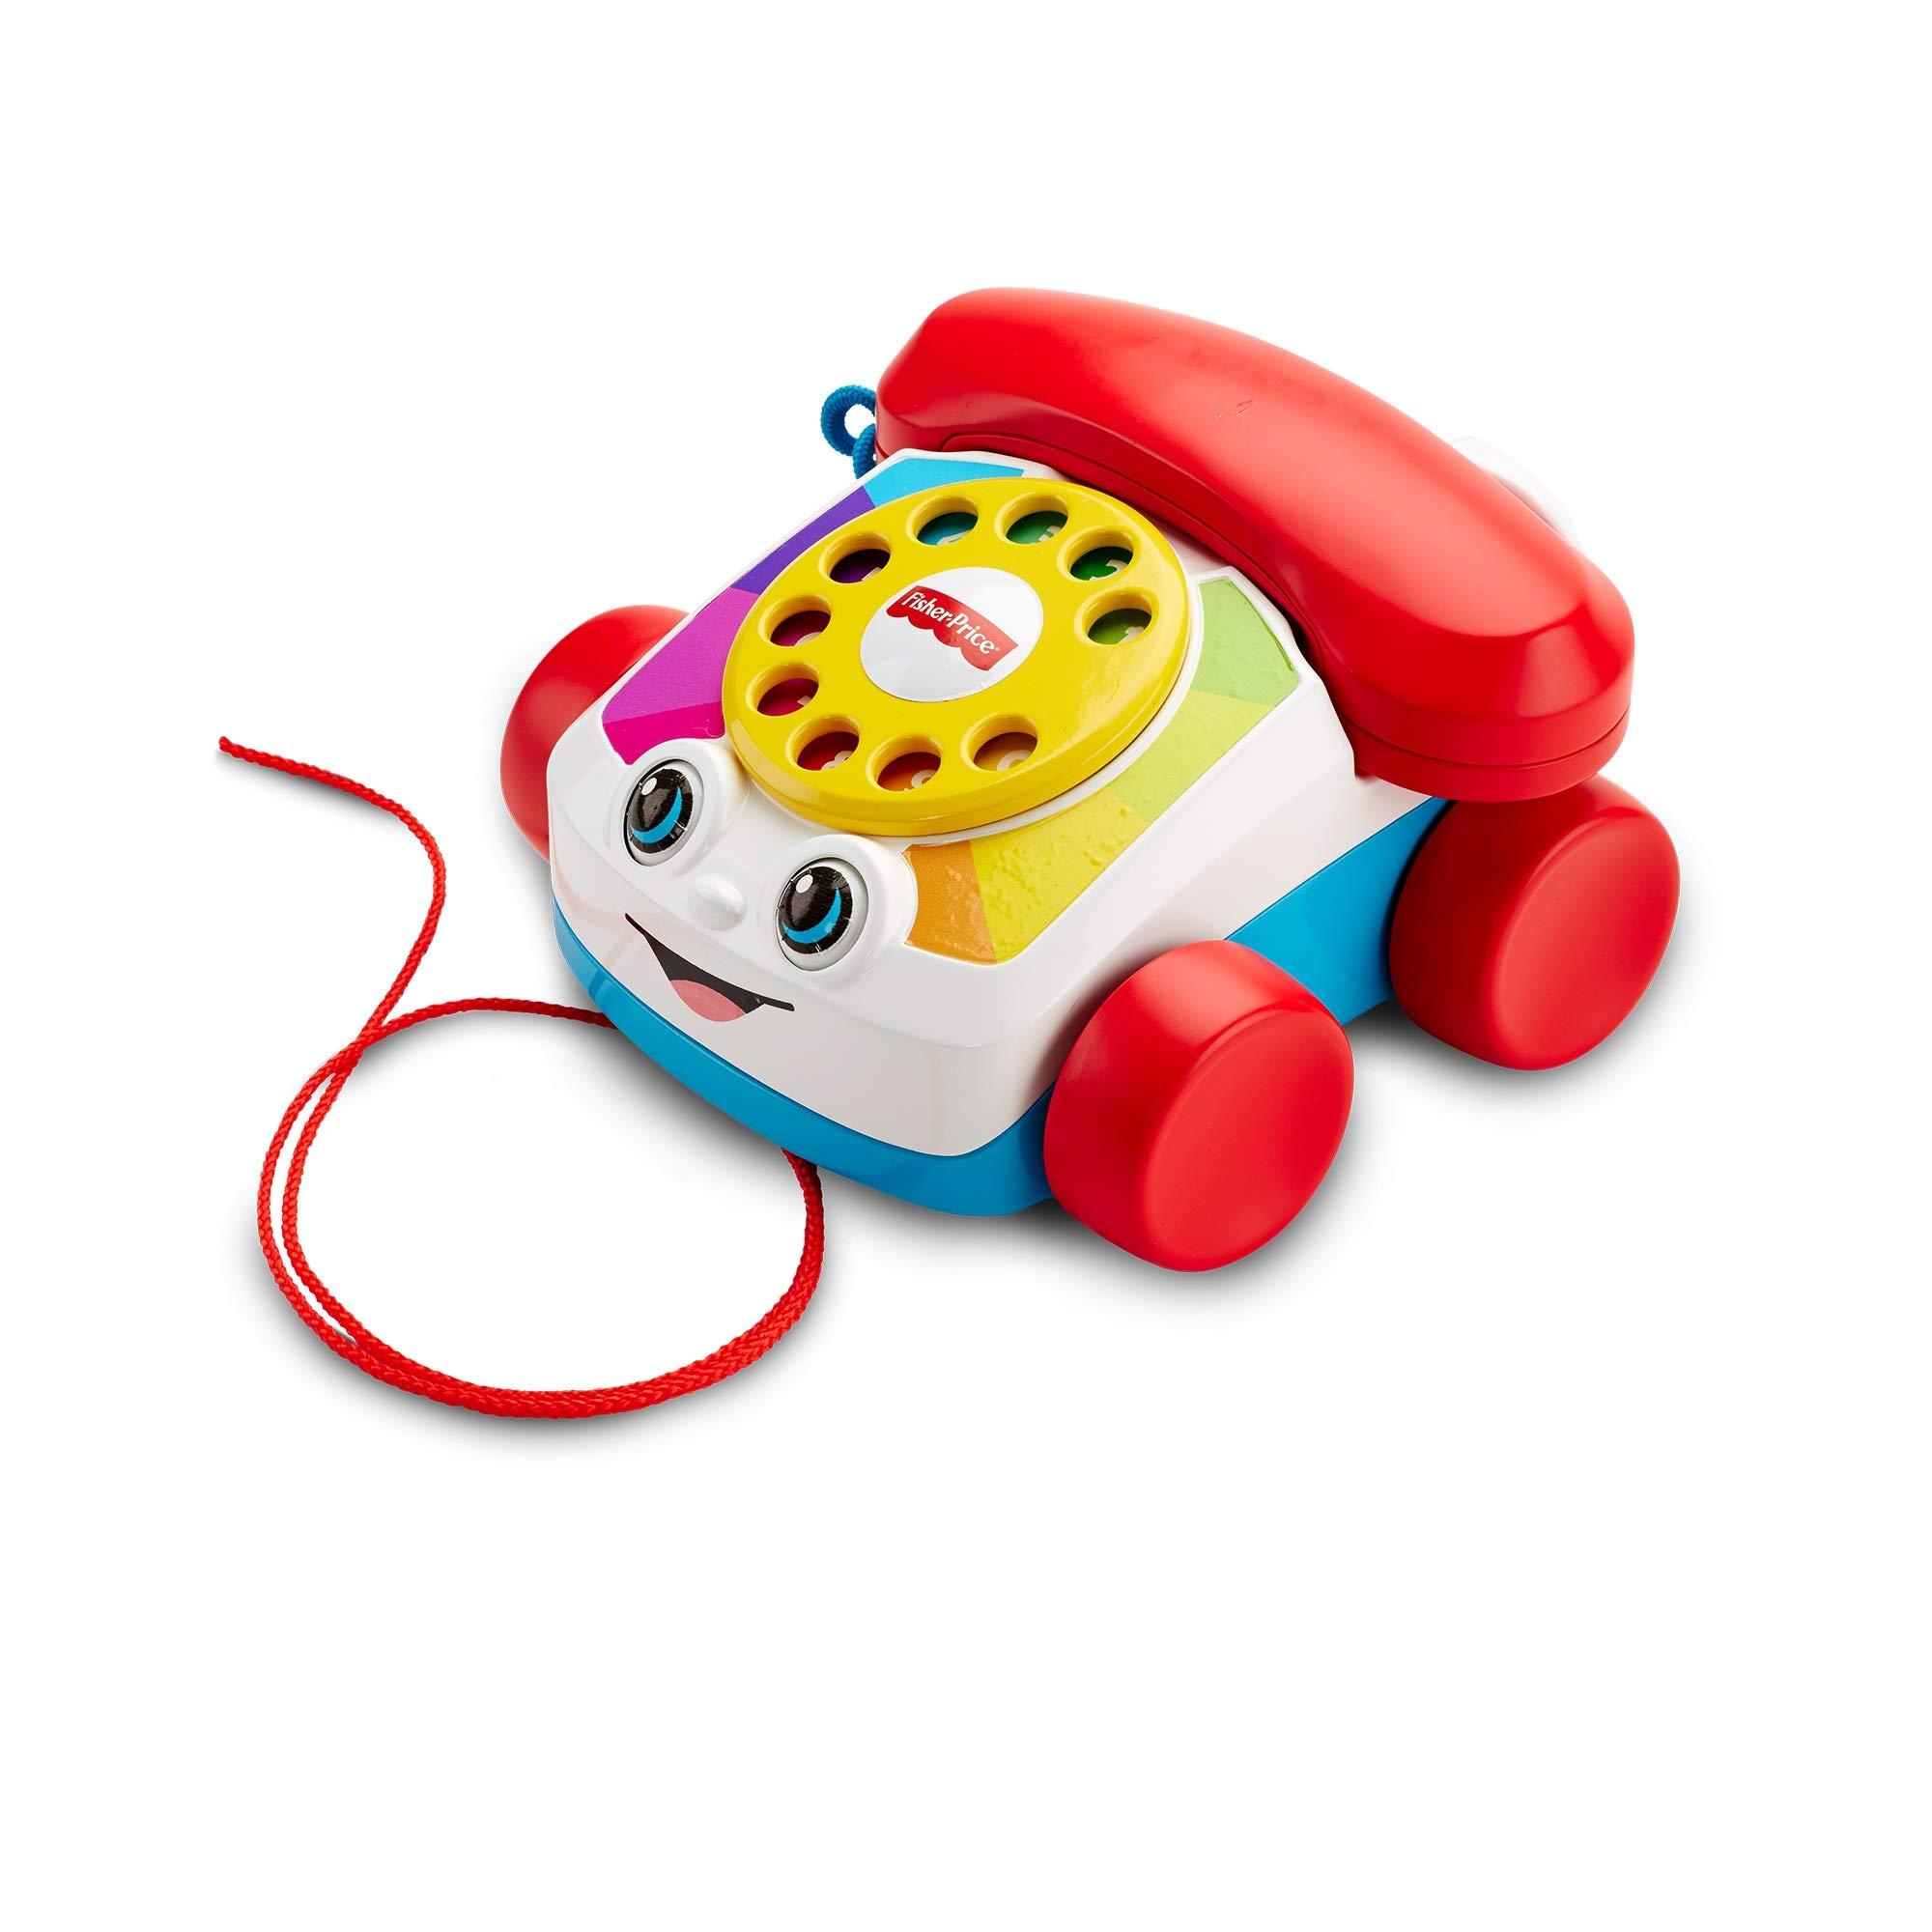 Fisher-Price Teléfono carita divertida, juguete educativo bebé +1 año (Mattel FGW66 )